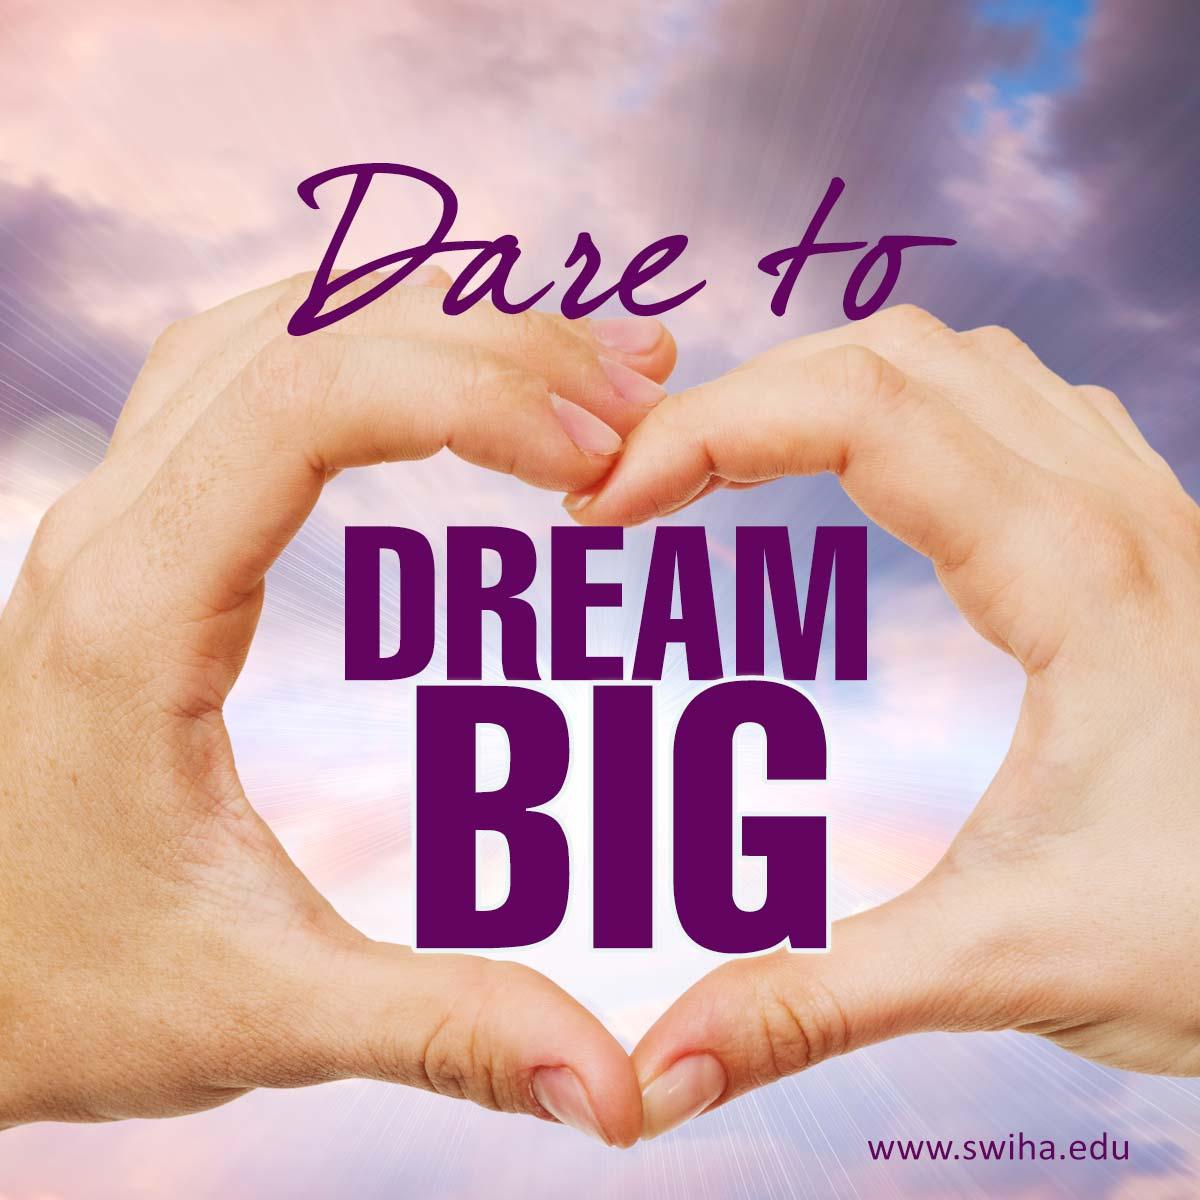 Dare-to-dream-Bigl-AD